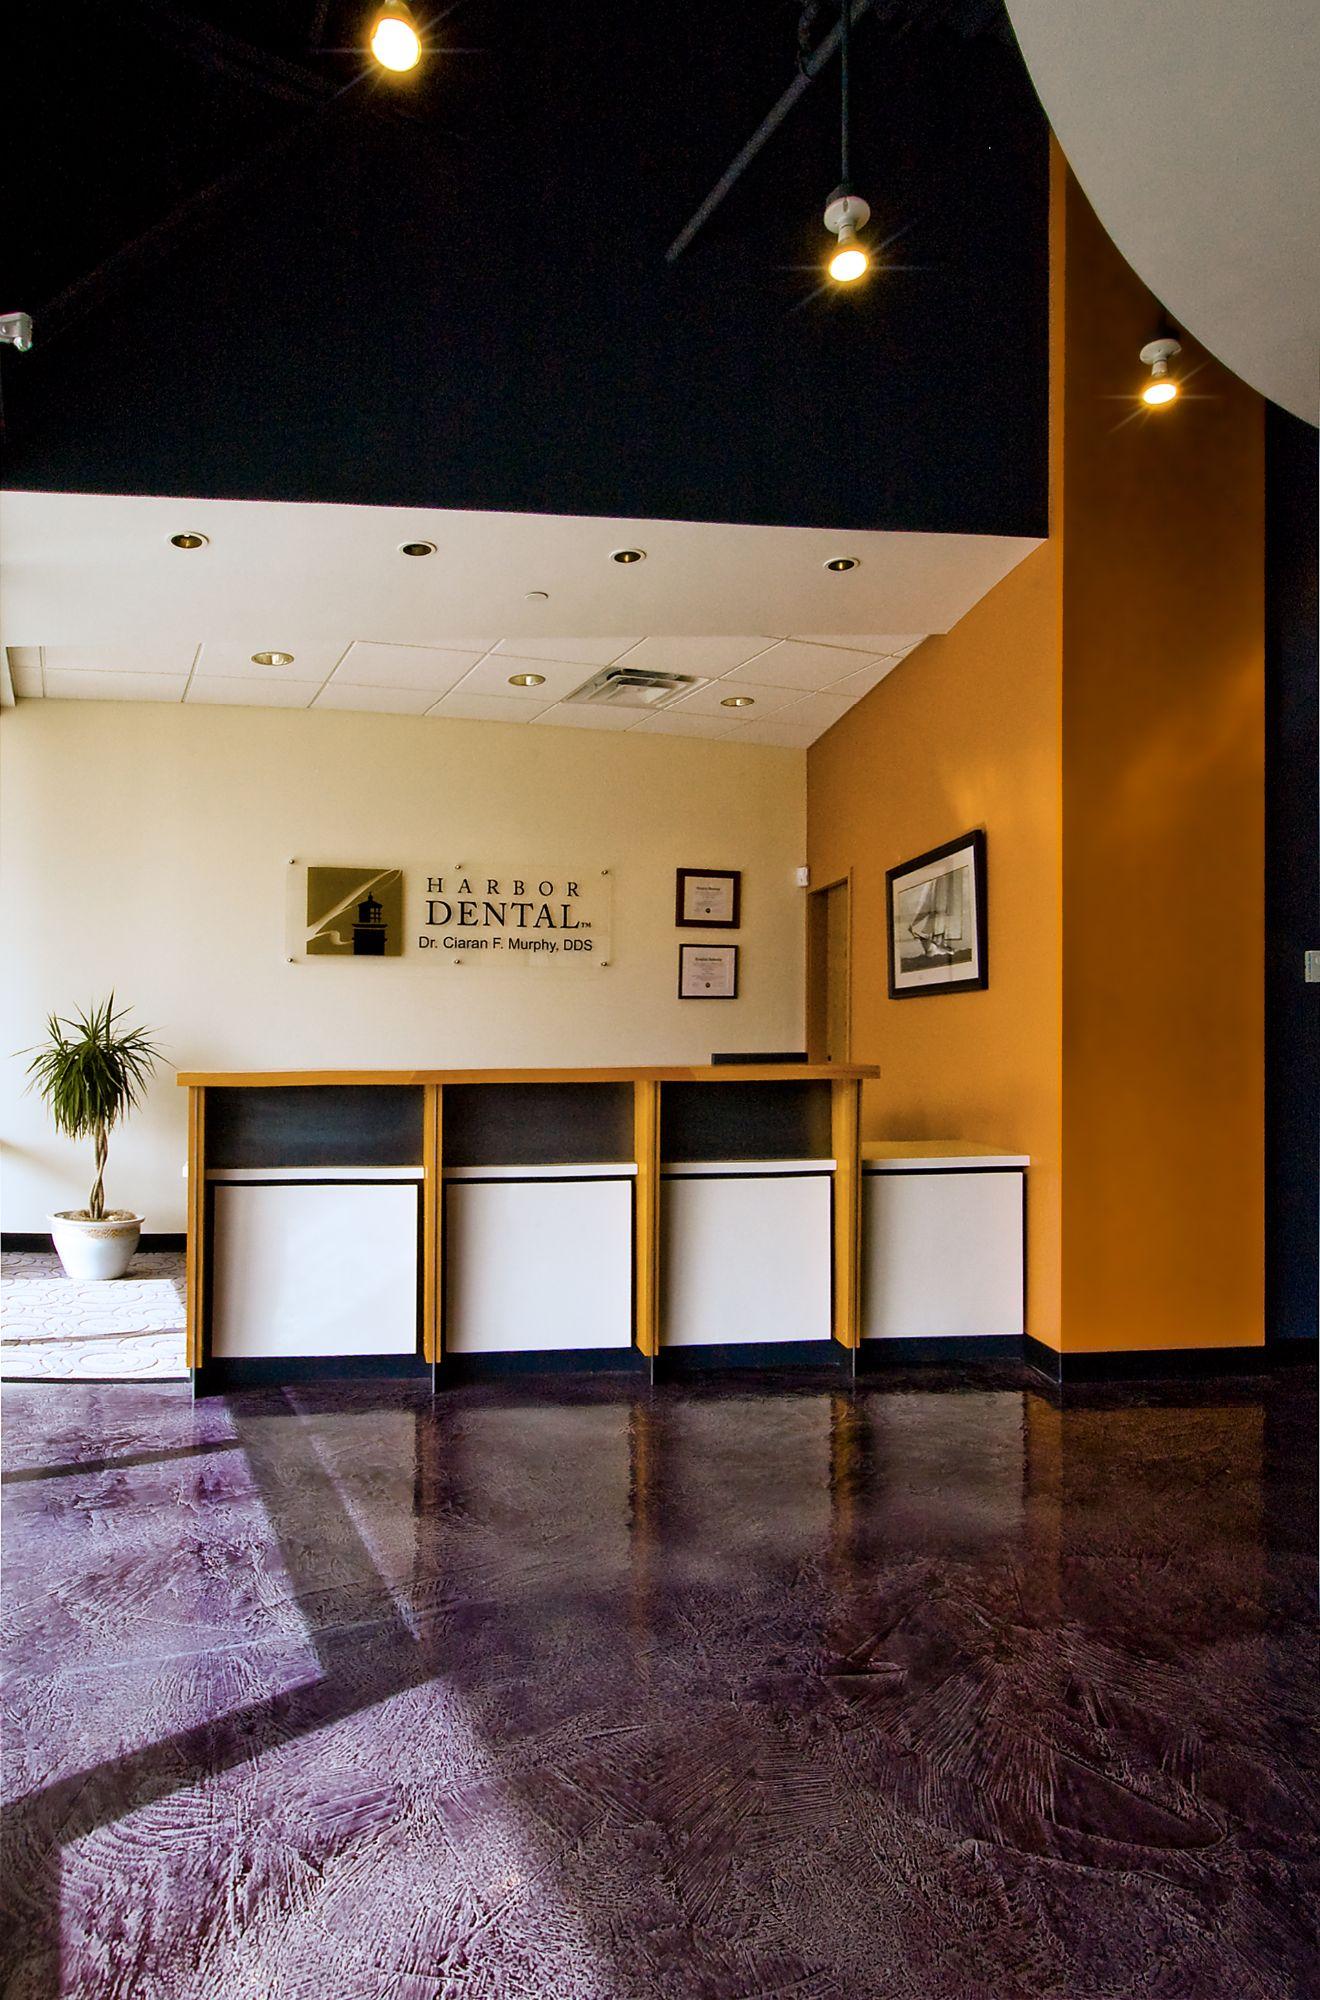 Harbor Dental Reception